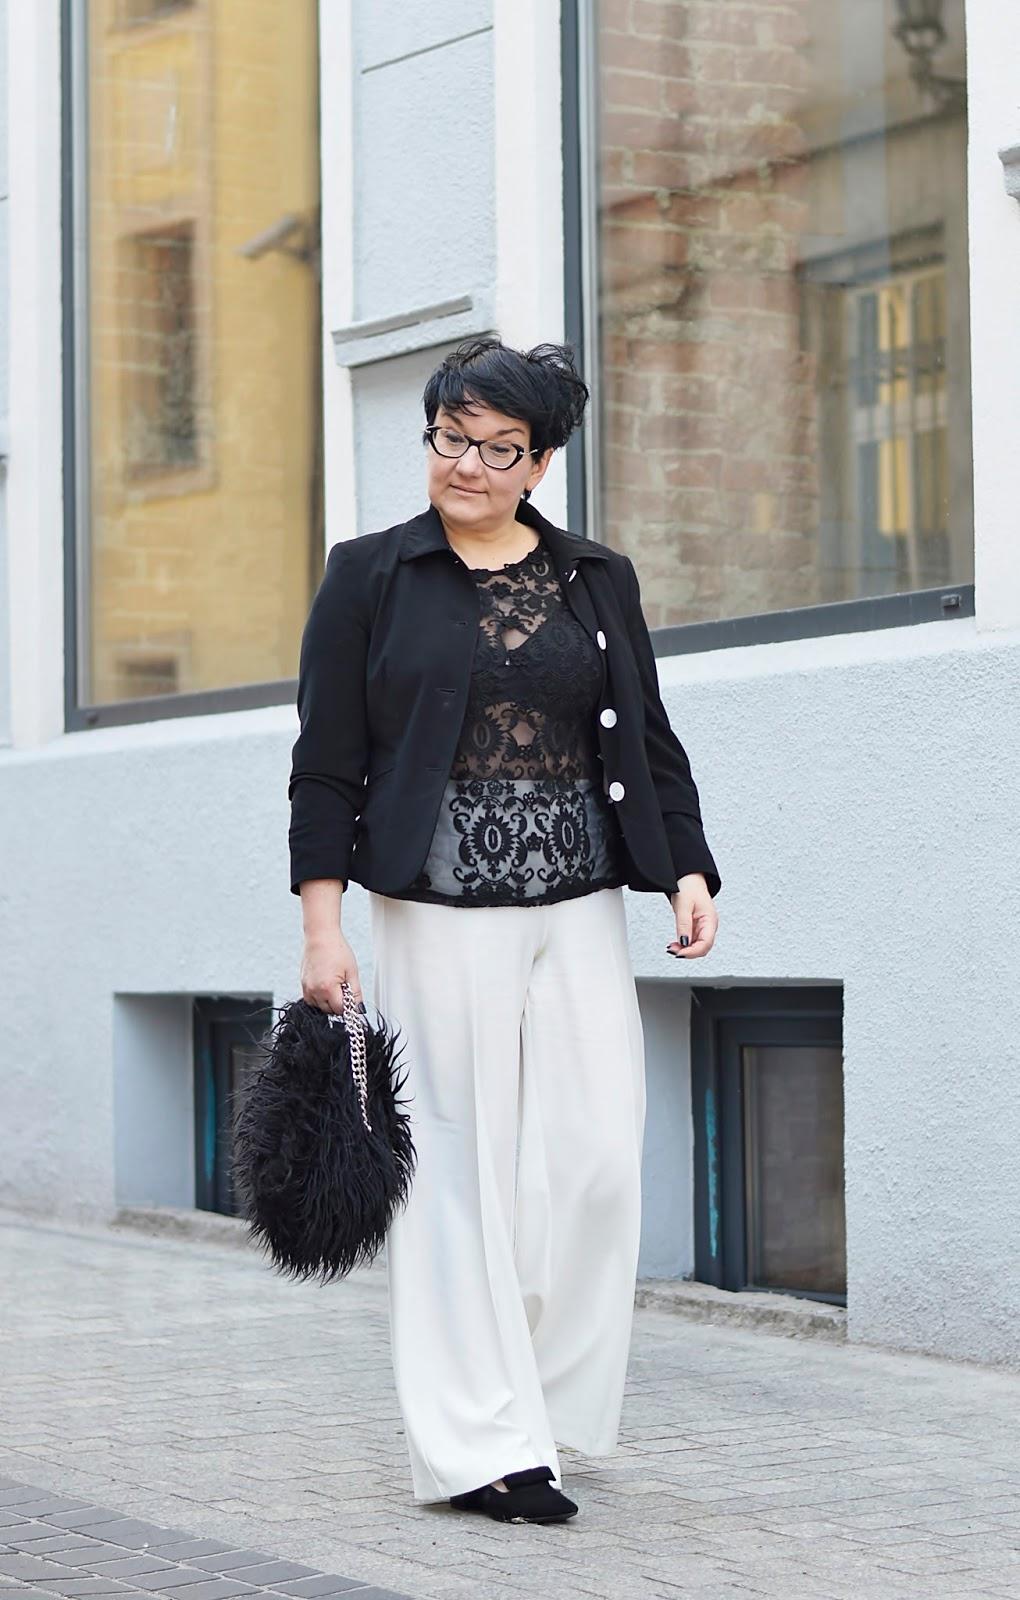 Black and white stylization, white pants, balck jacket, fur bag